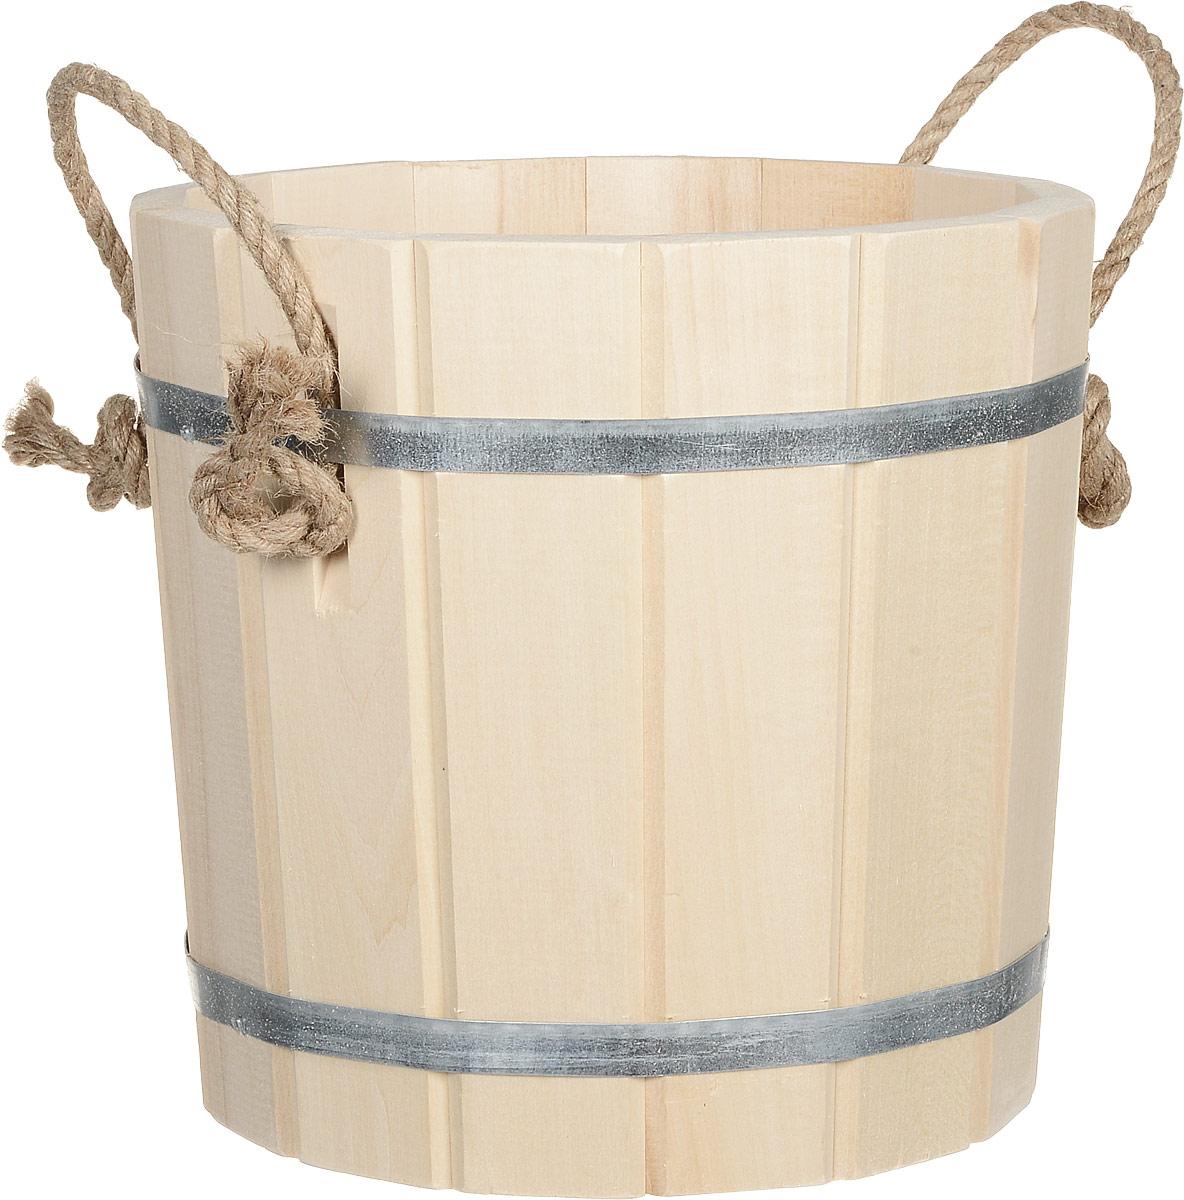 Запарник Банные штучки, 8 л. 3604579Запарник Банные штучки, изготовленный из древесины липы, доставит вам настоящее удовольствие от банной процедуры. При запаривании веник обретает свою природную силу и сохраняет полезные свойства. Корпус запарника состоит из металлических обручей, стянутых клепками. Для более удобного использования запарник имеет по бокам две небольшие ручки. Интересная штука - баня. Место, где одинаково хорошо и в компании, и в одиночестве. Перекресток, казалось бы, разных направлений - общение и здоровье. Приятное и полезное. И всегда в позитиве.Высота запарника (без учета ручек): 26 см.Диаметр запарника по верхнему краю: 28 см